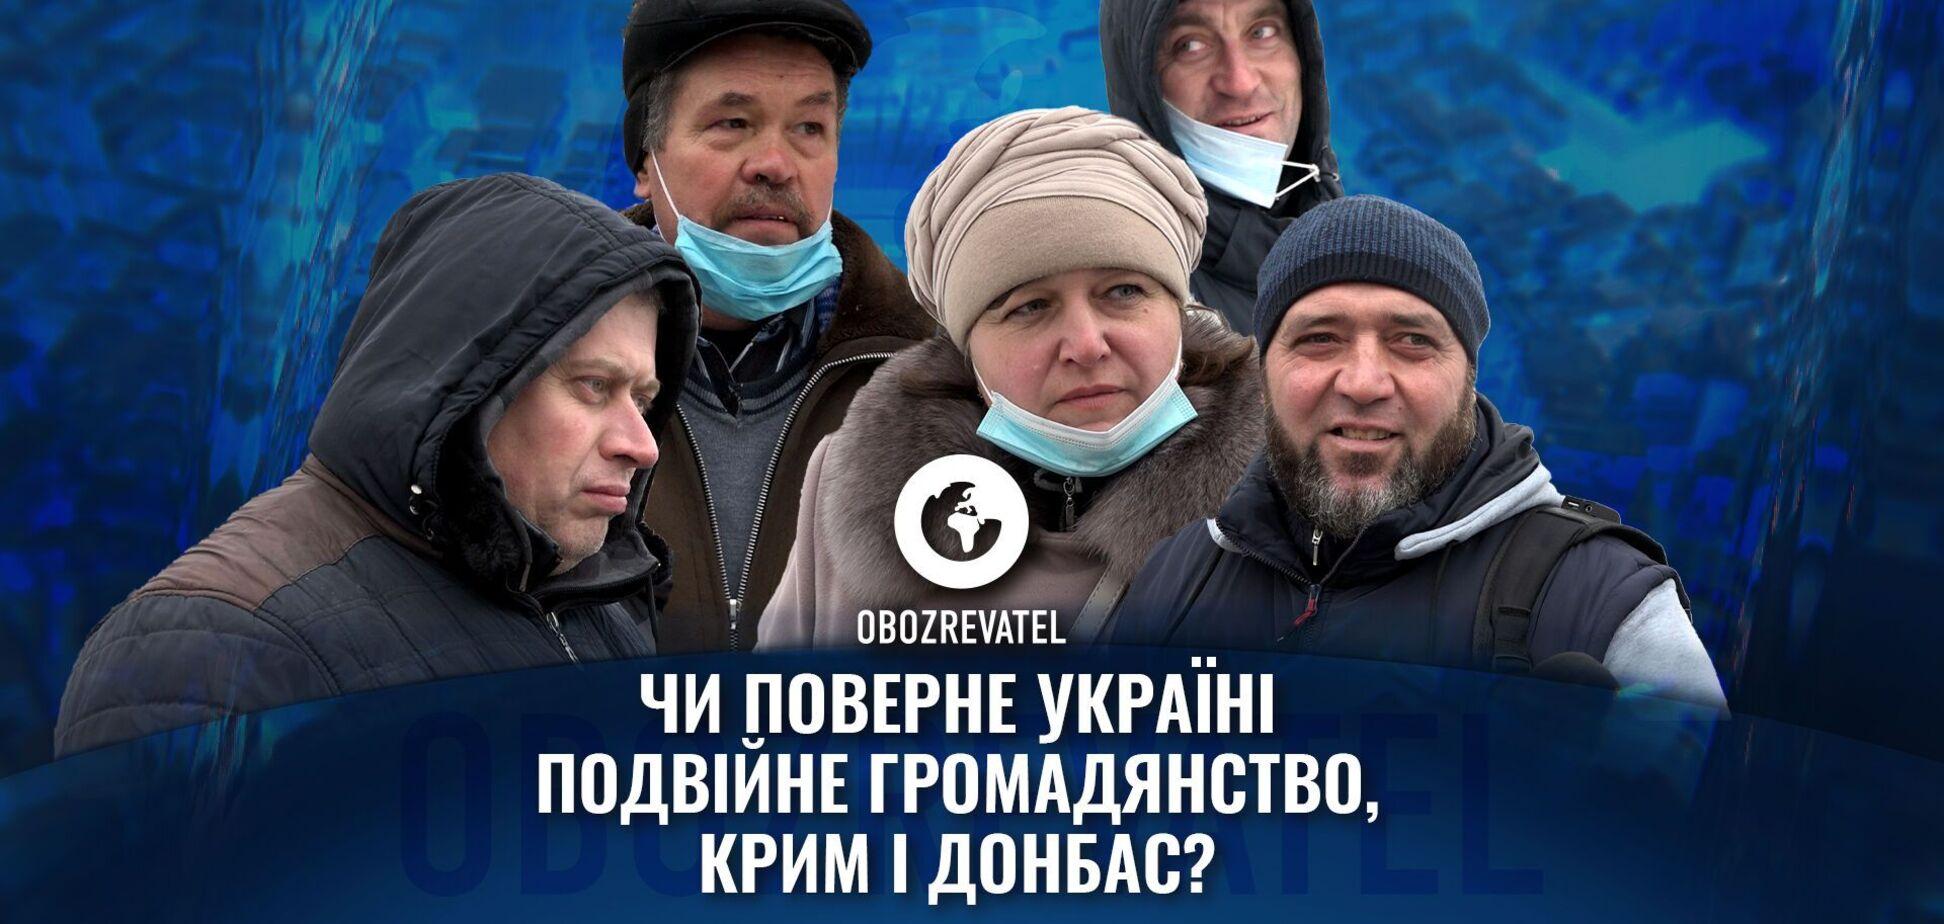 'Слуги народа' предложили ввести двойное гражданство: украинцы ответили